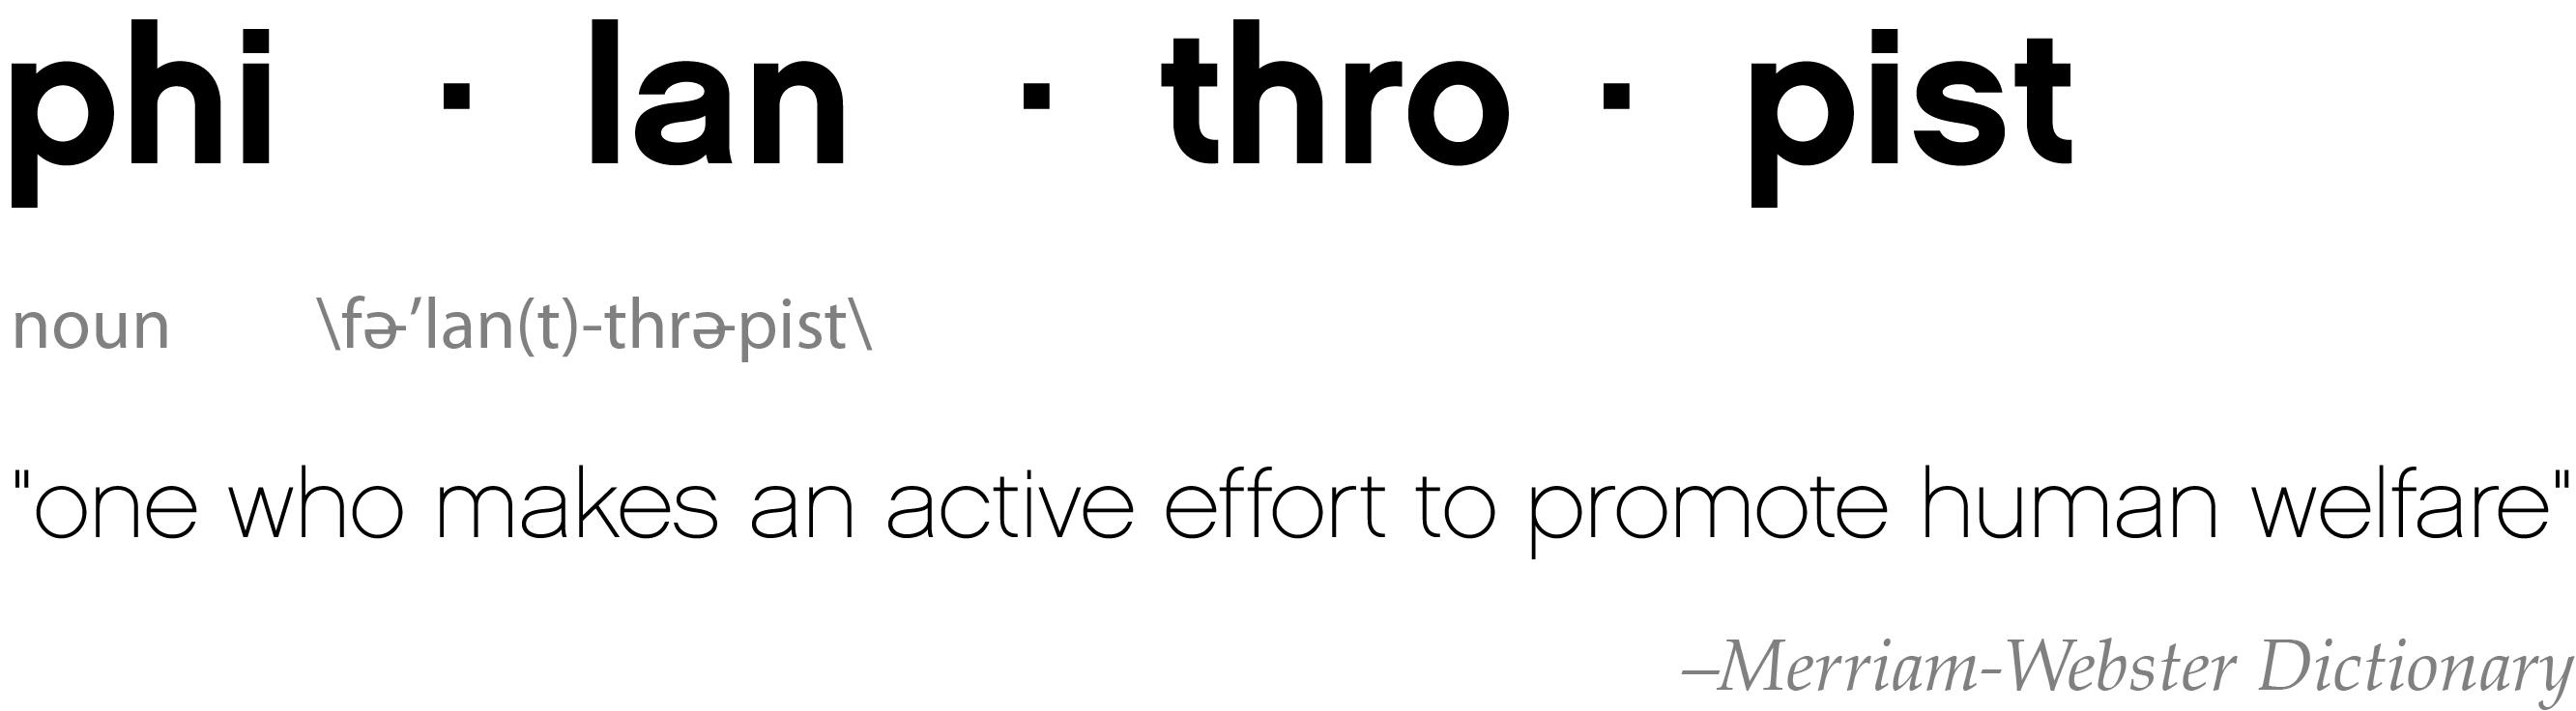 Hoe ziet de 'gemiddelde filantroop' eruit?